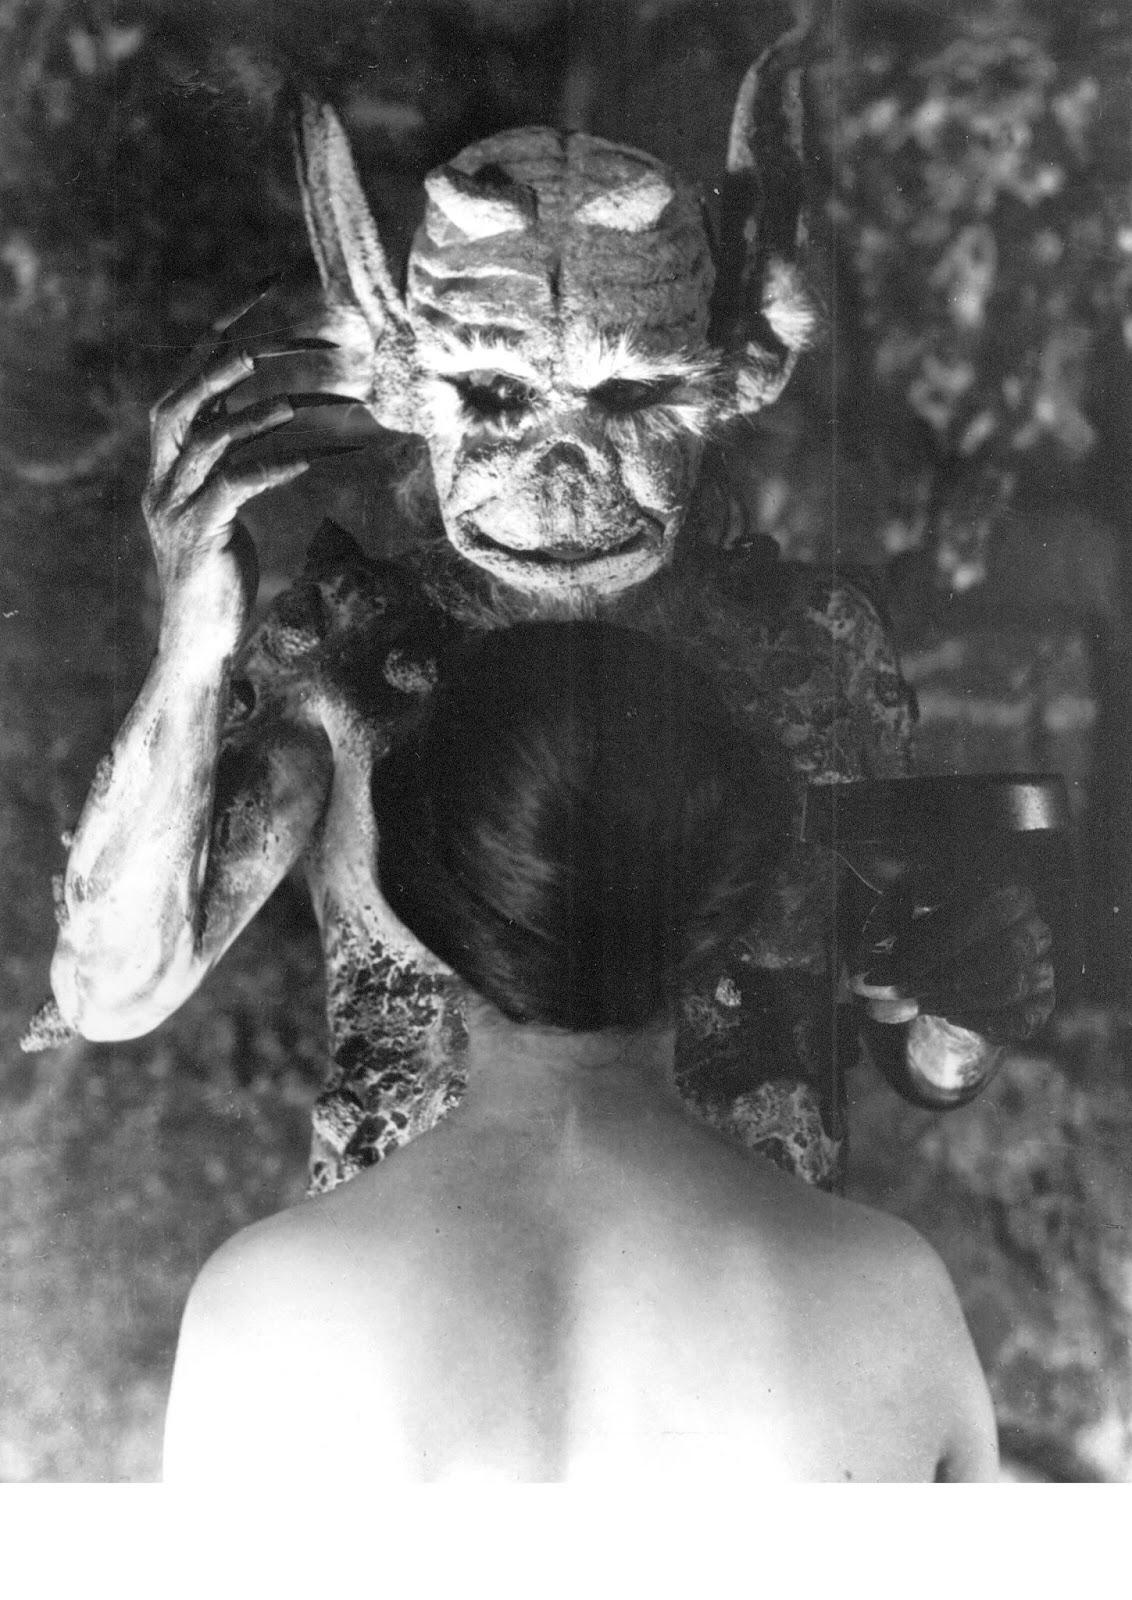 El demonio, figura recurrente cuando se habla de brujeria